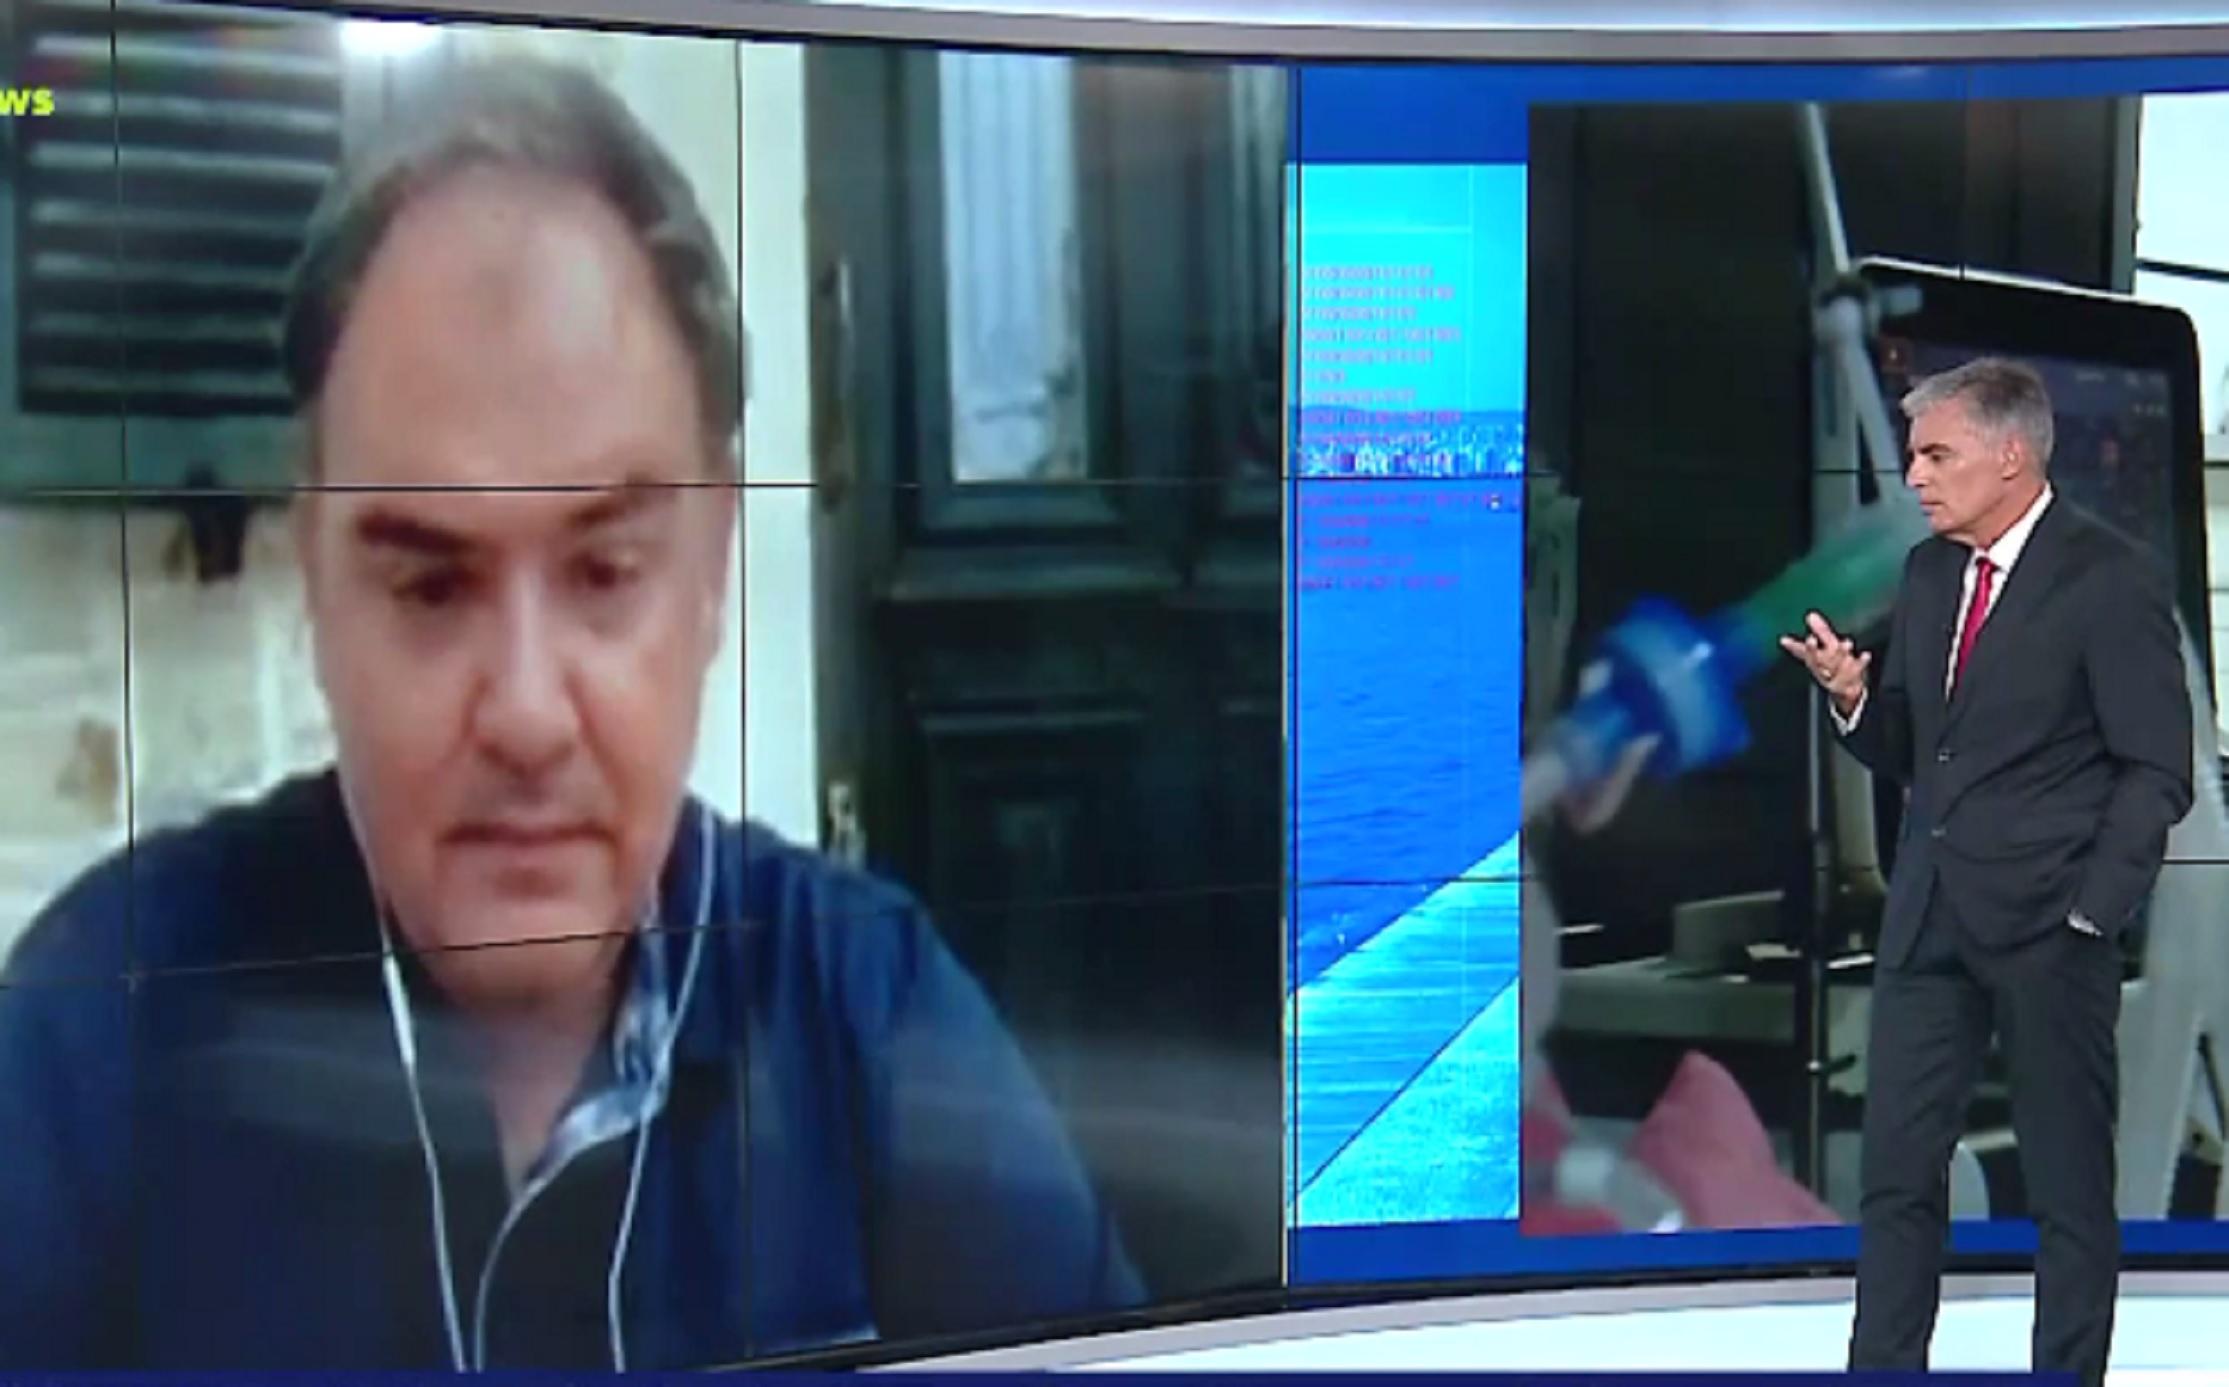 Σαρηγιάννης σε Live News: 10.000 κρούσματα τον Οκτώβριο